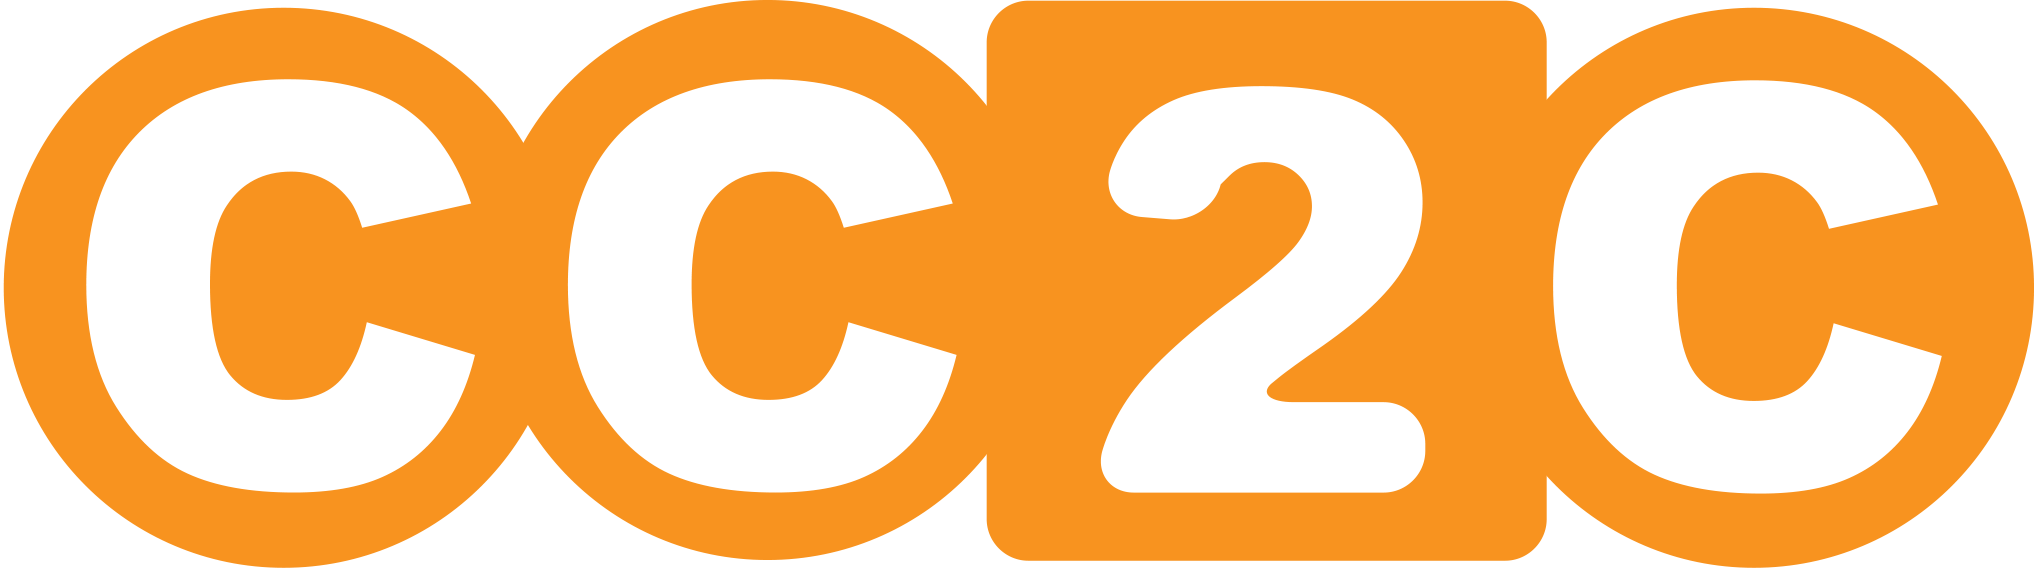 cc2c logo. orange.png